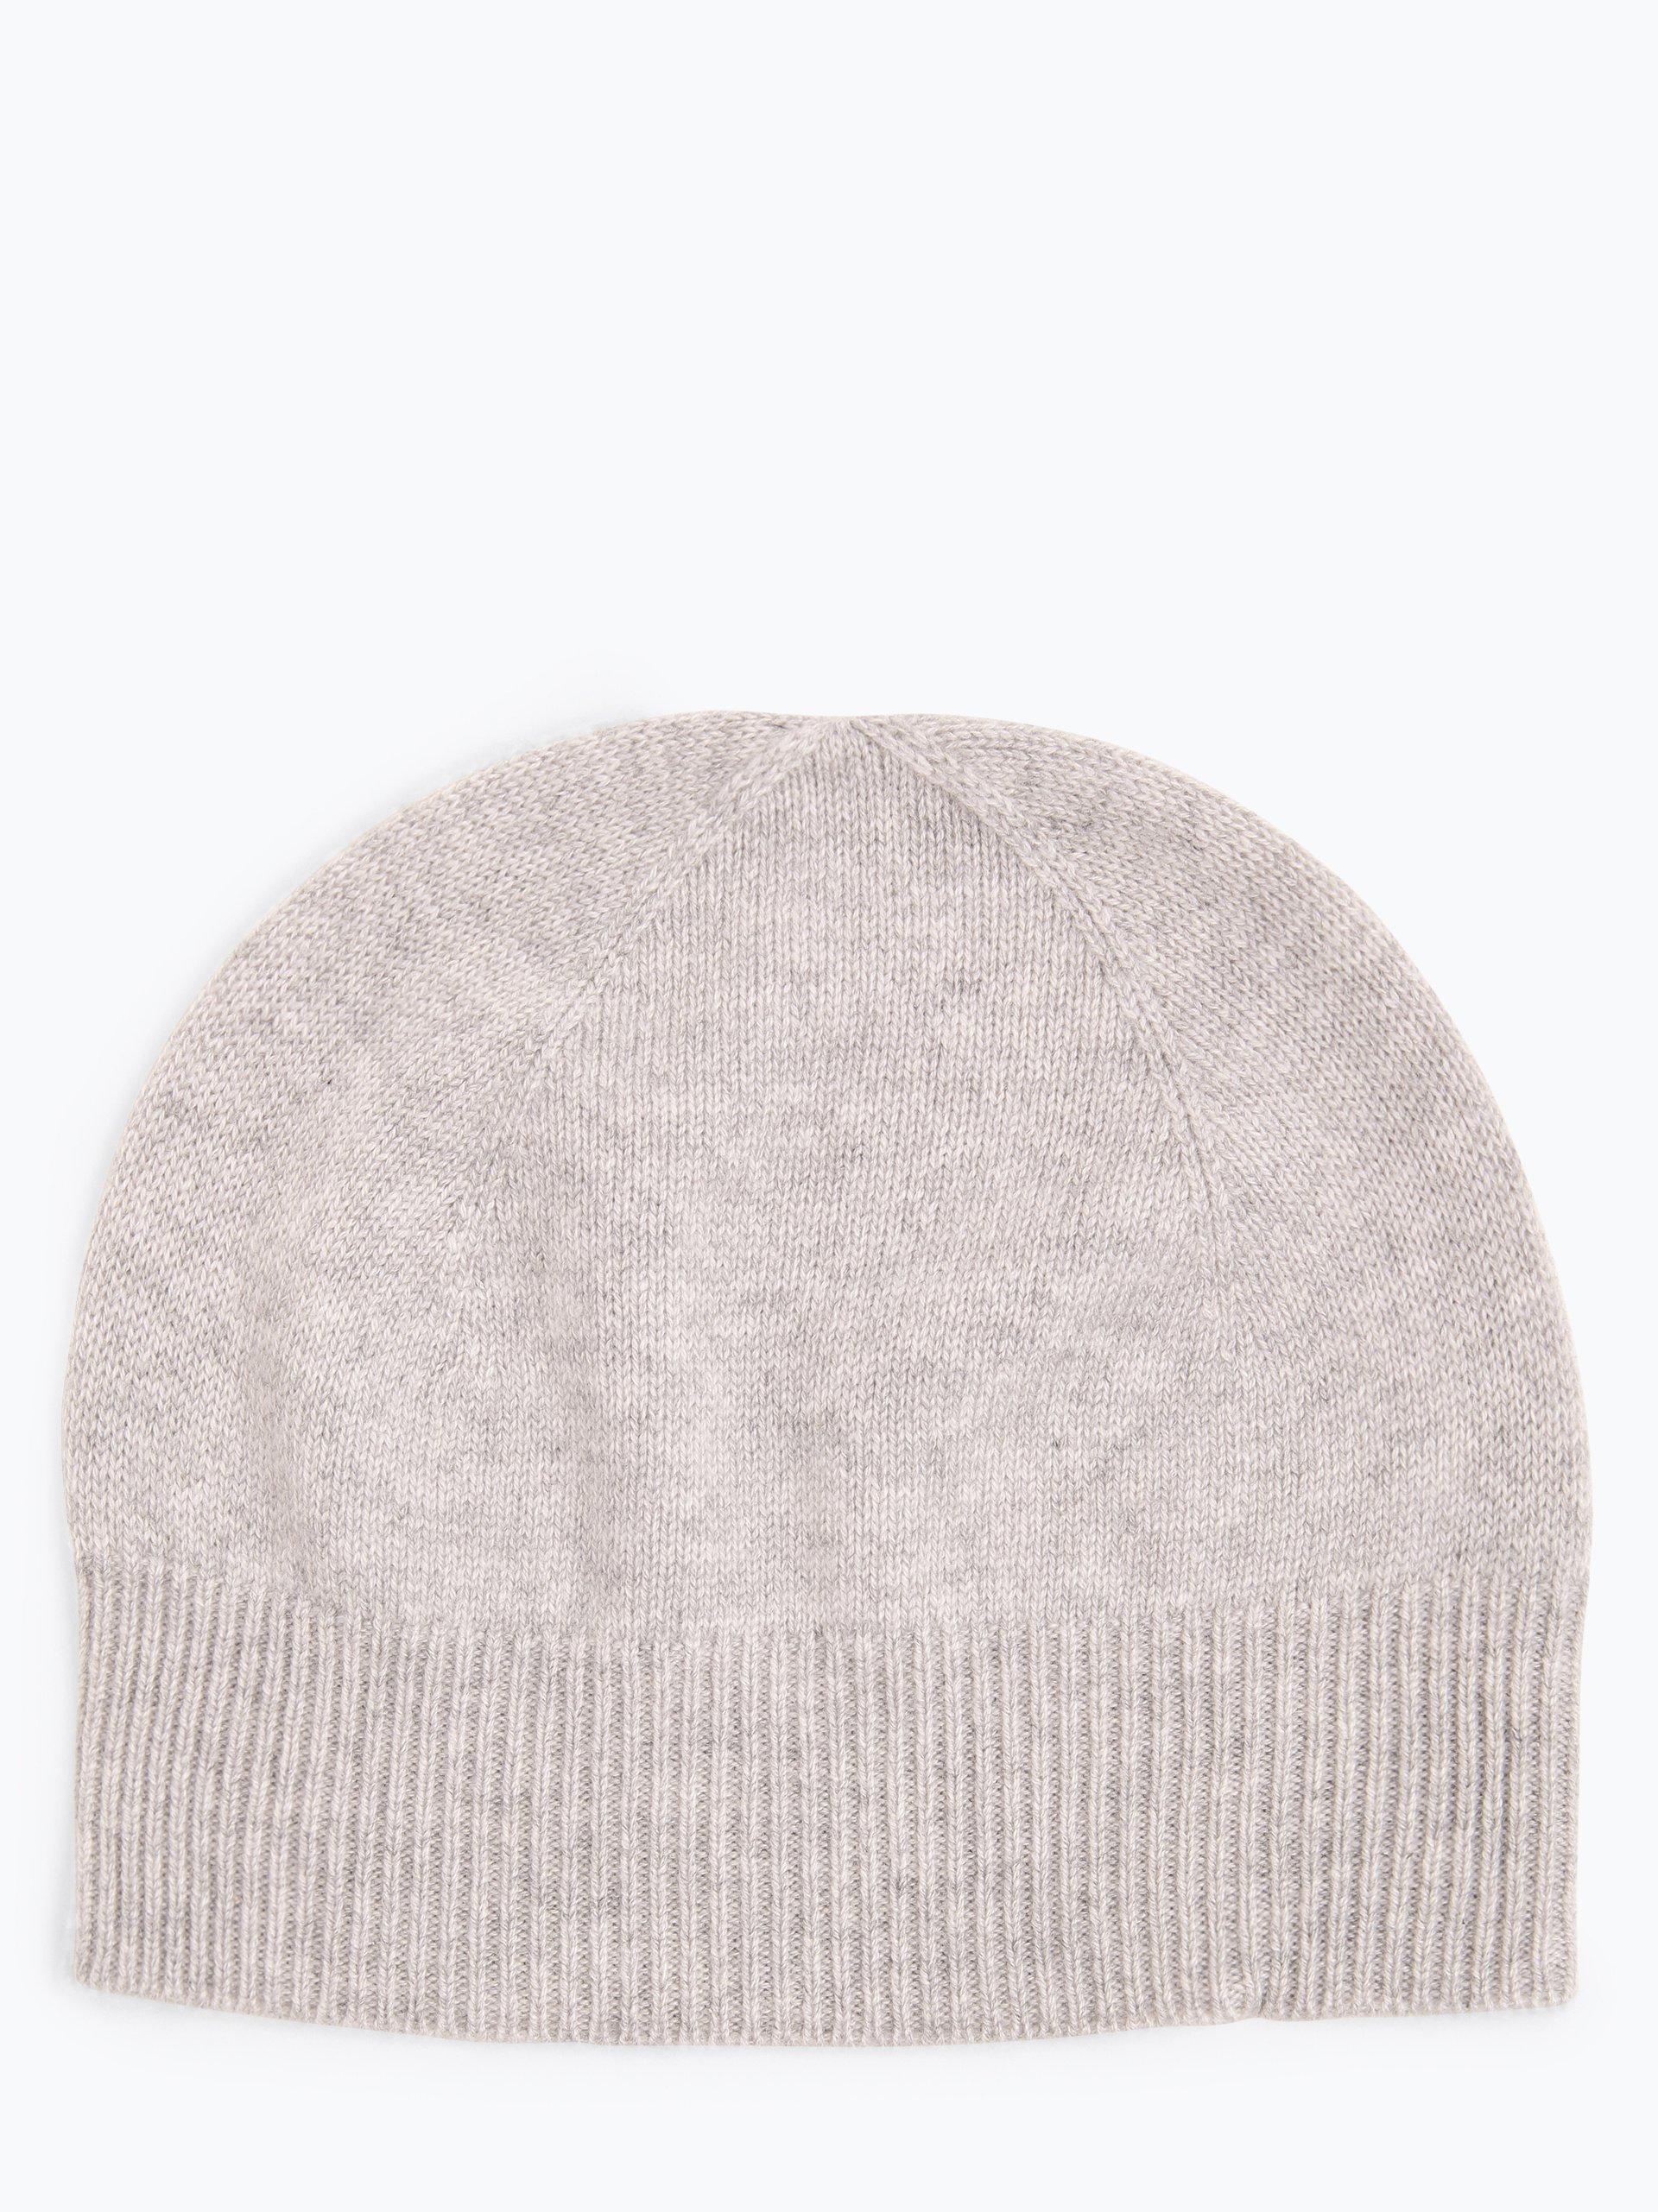 Apriori Damska czapka z czystego kaszmiru